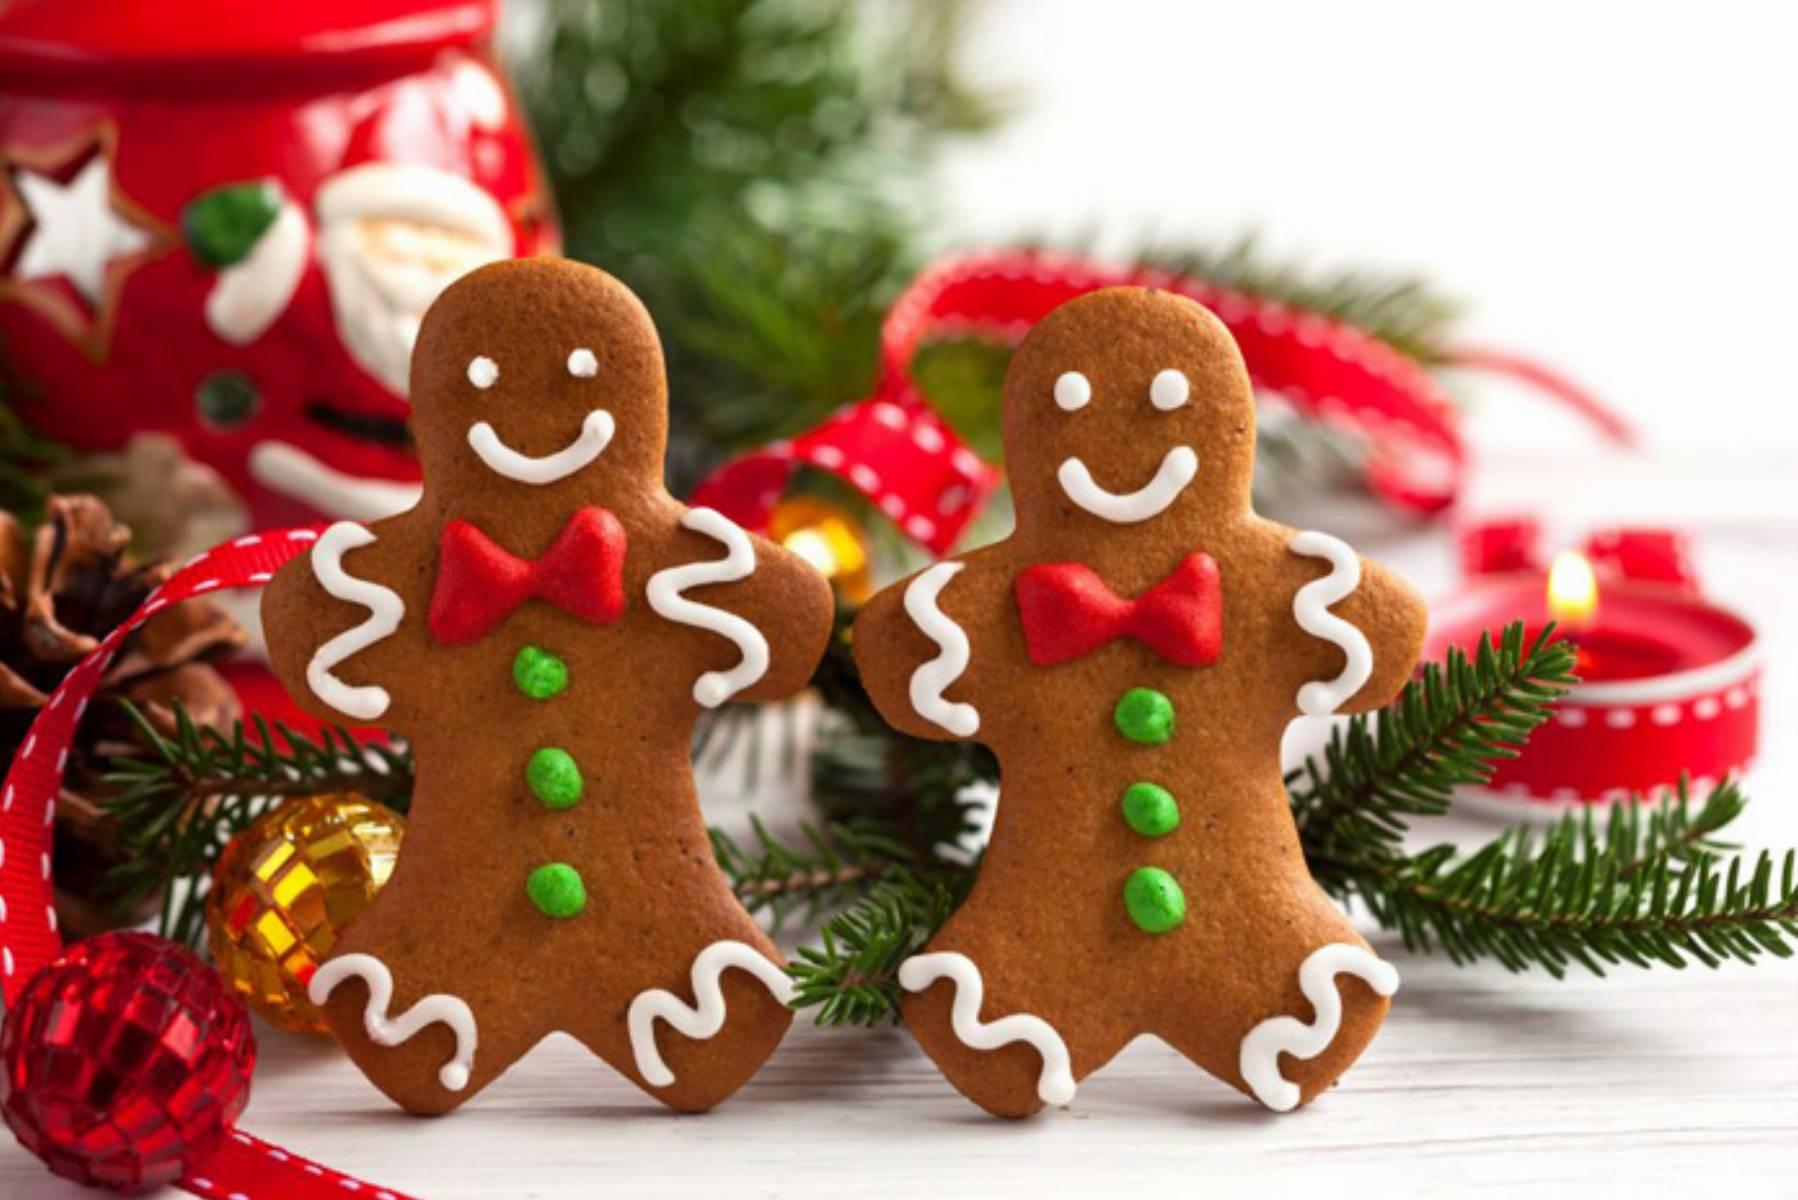 Kulinarne Rady Na Święta Bożego Narodzenia Kobietamag Pl